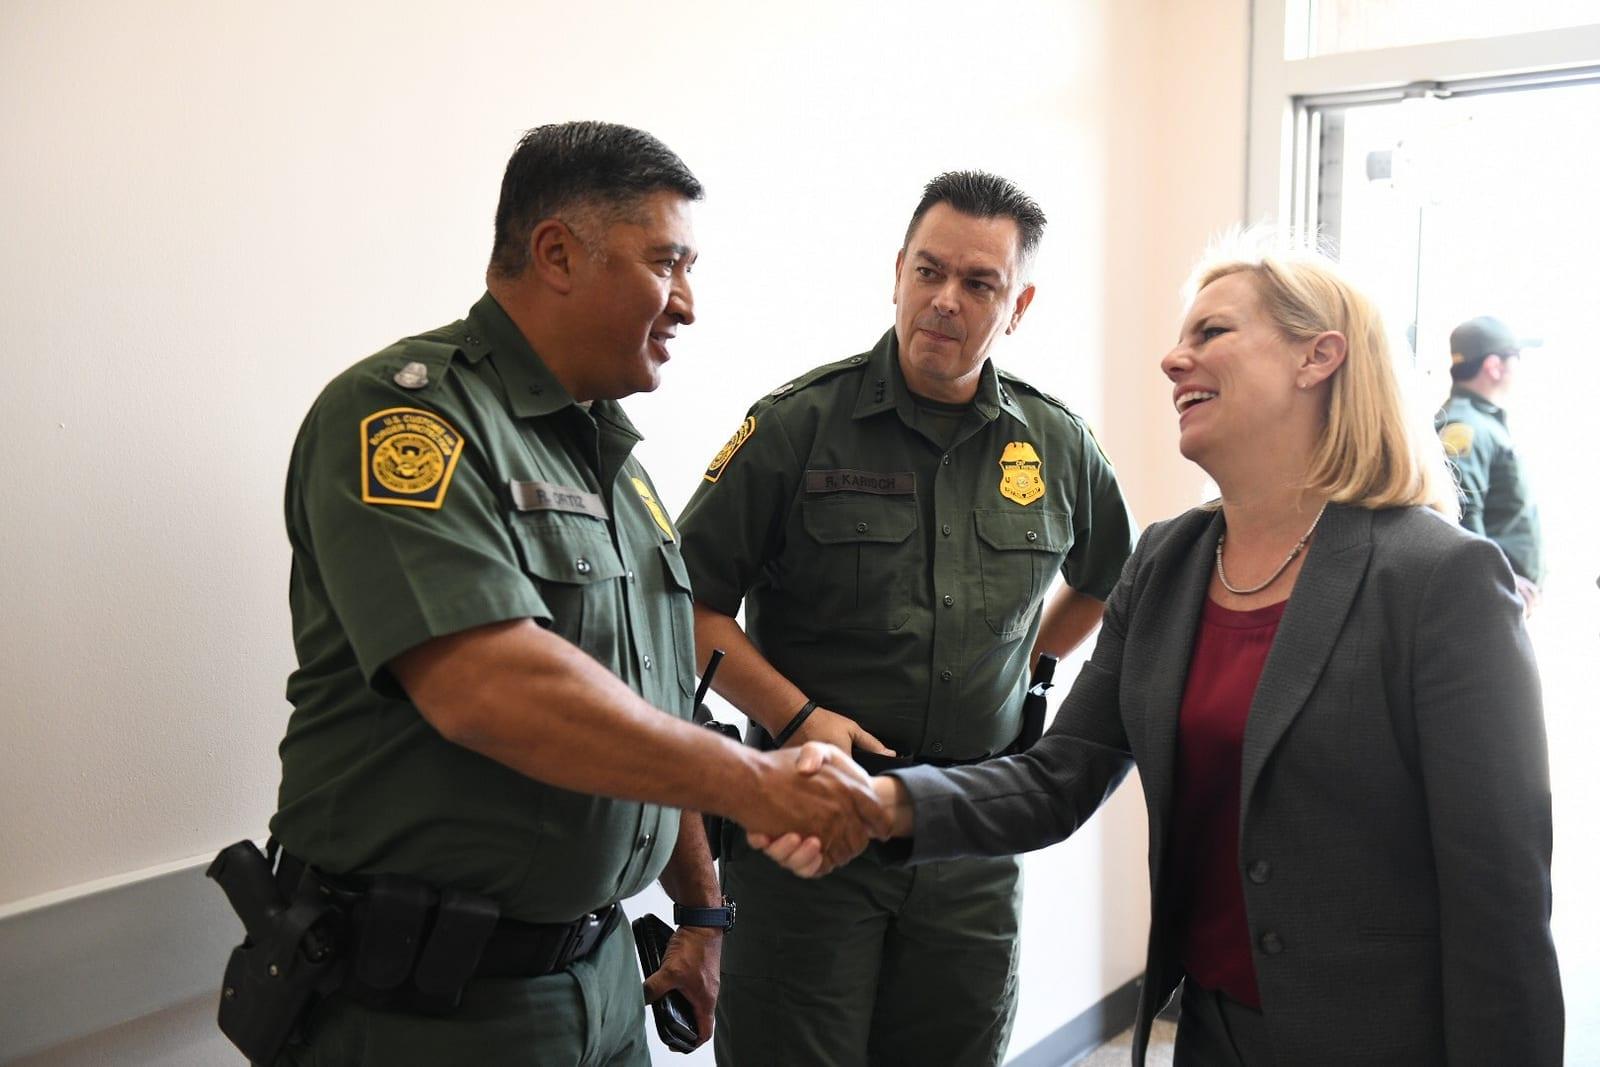 Kirstjen Nielsen visits the U.S. Border Patrol McAllen Station